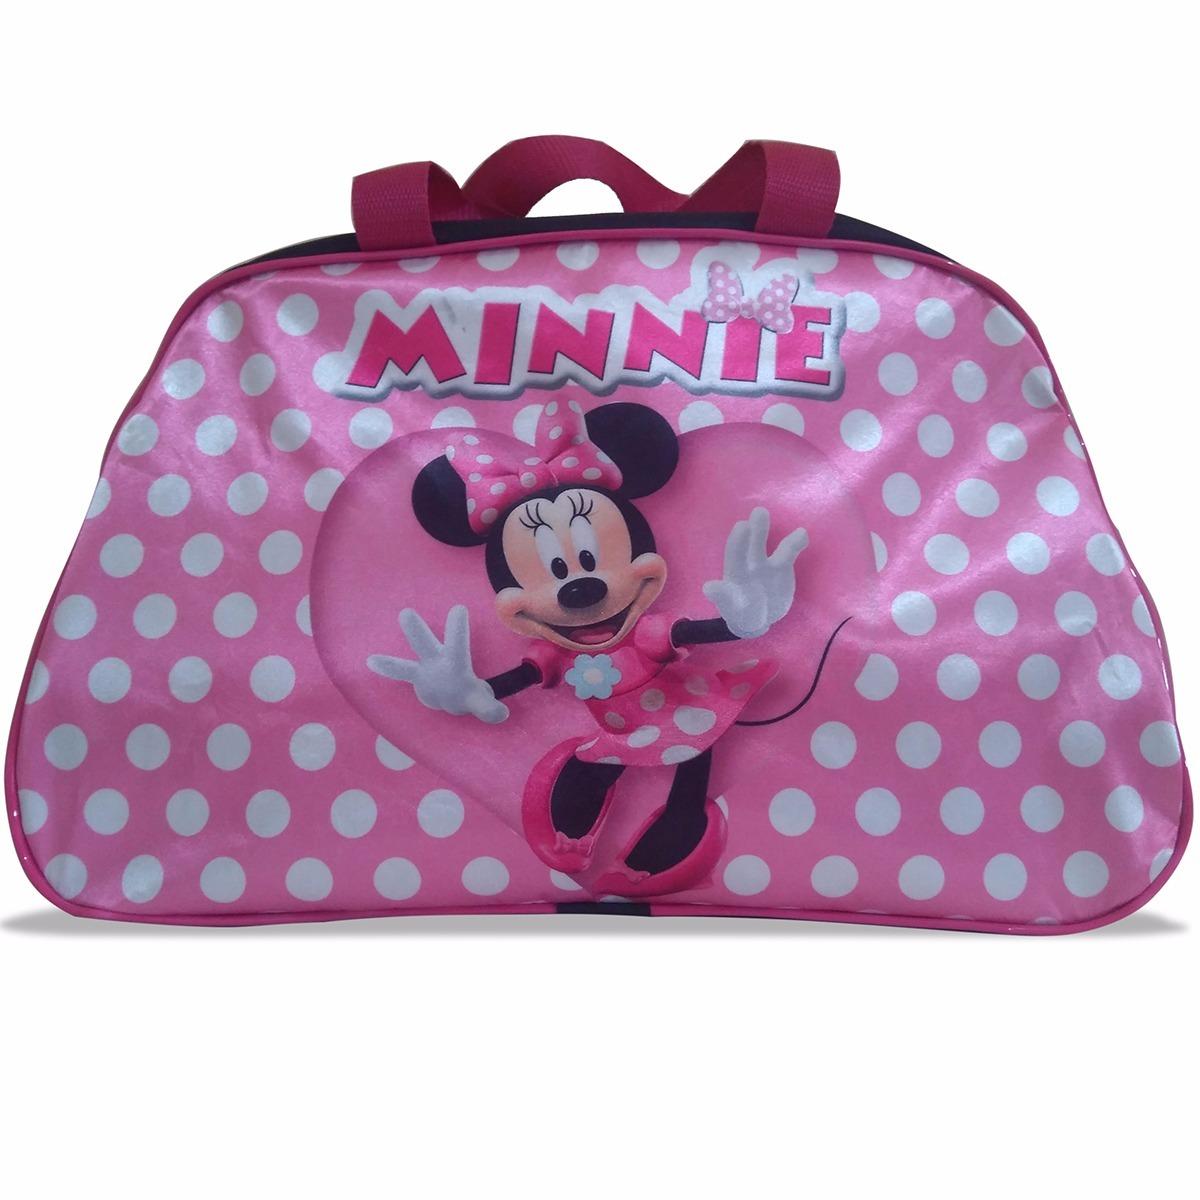 47ef30ded bolsa infantil para viagem minnie mouse - pronta entrega !! Carregando zoom.